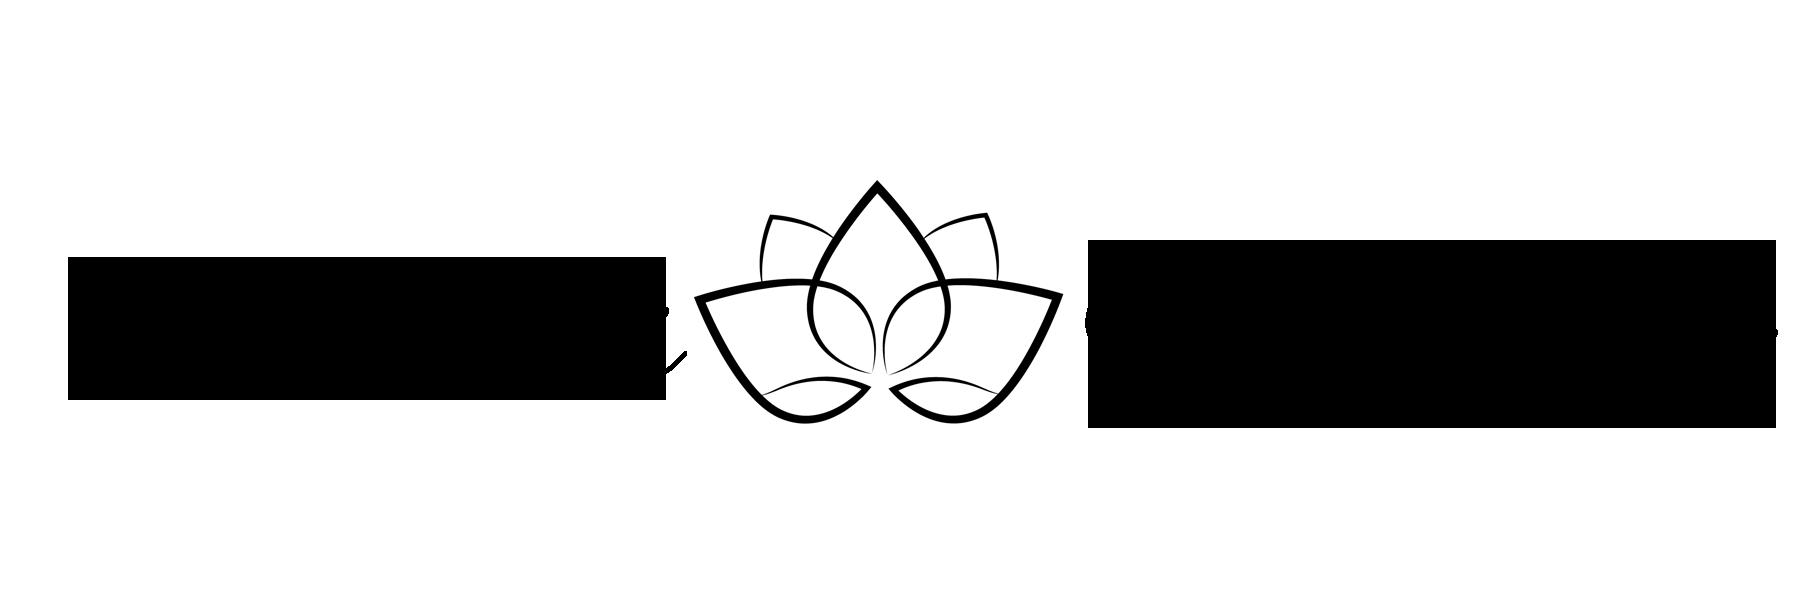 Chakras Harmony